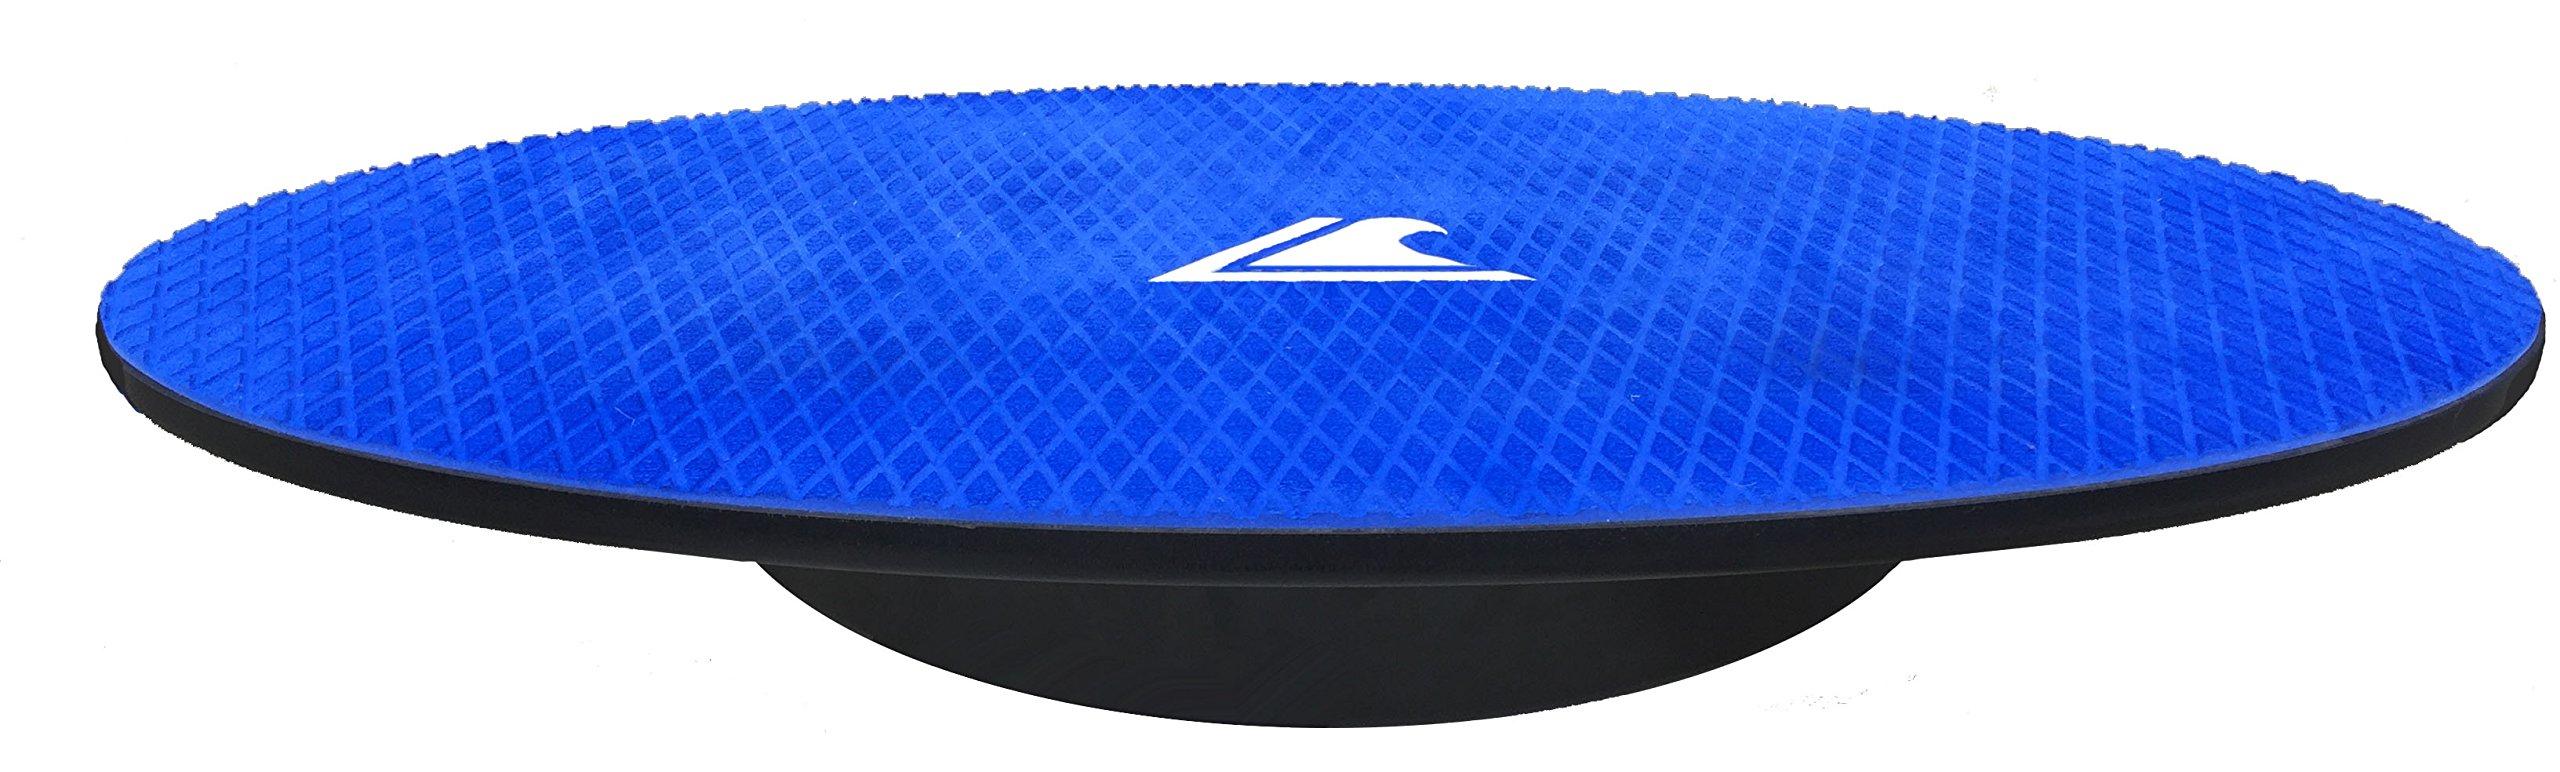 Wakesurf Balance Board